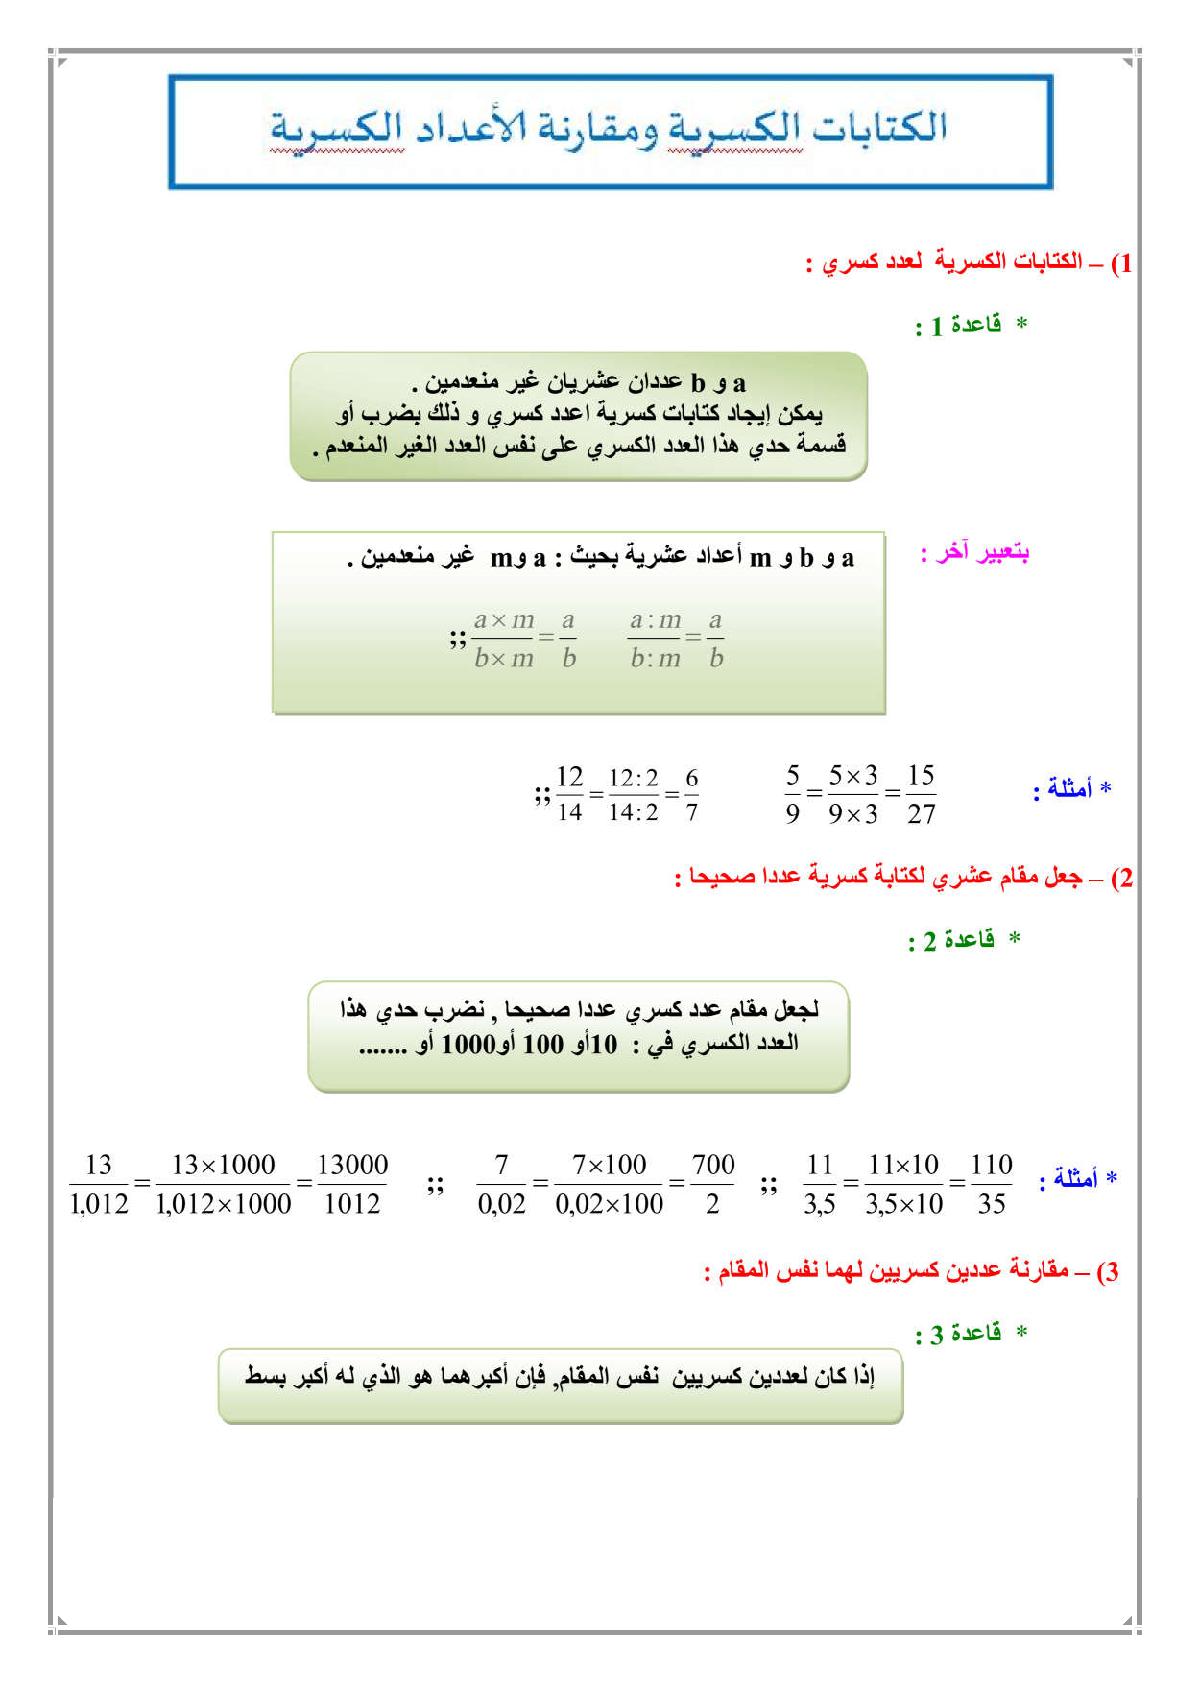 درس الكتابات الكسرية مقارنة الأعداد الكسرية للمستوى الأولى إعدادي